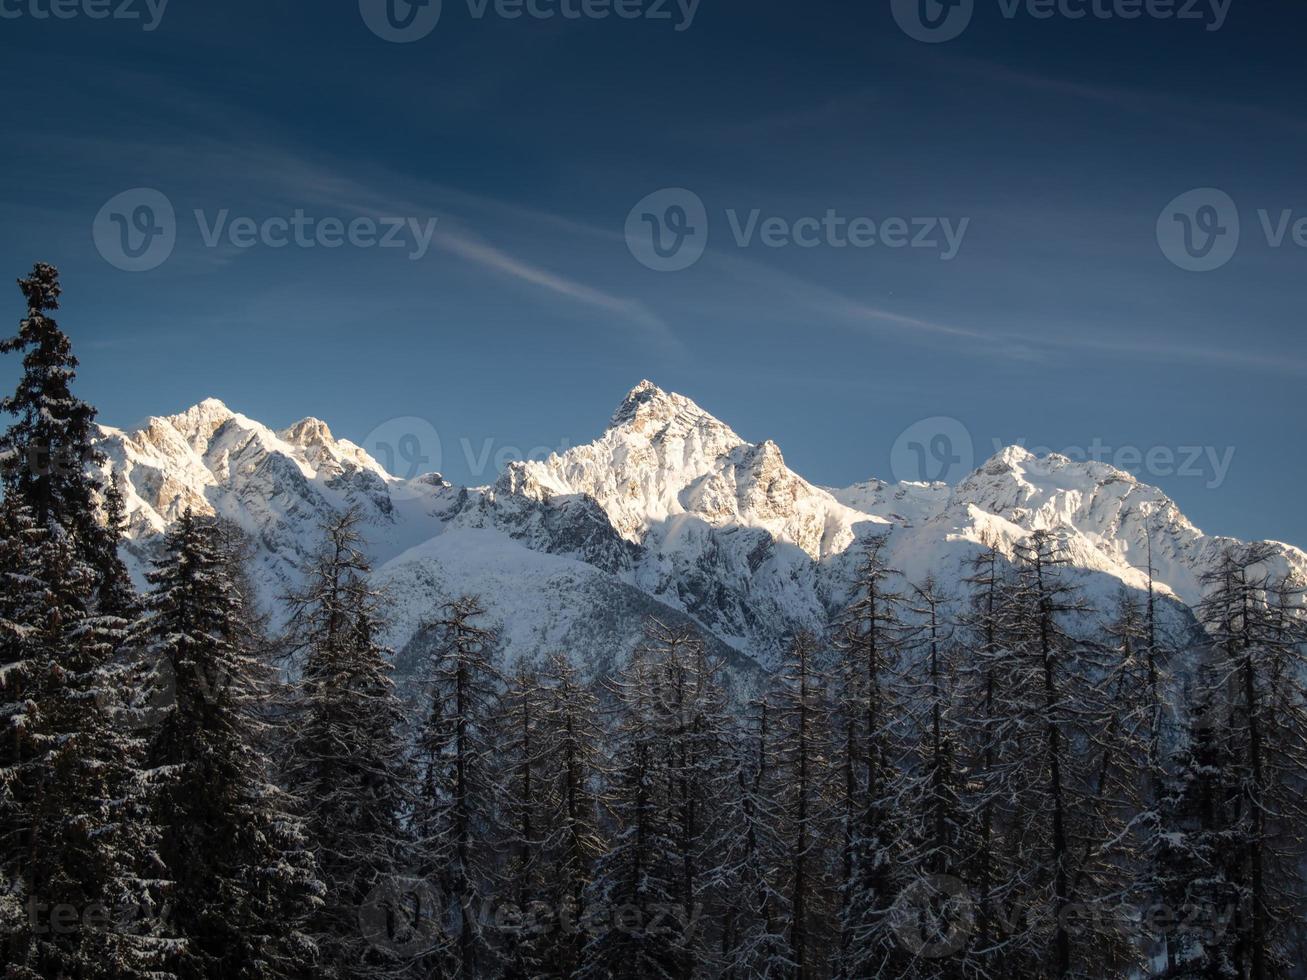 Trois sommets enneigés, Alpes suisses, Engadine, Suisse photo